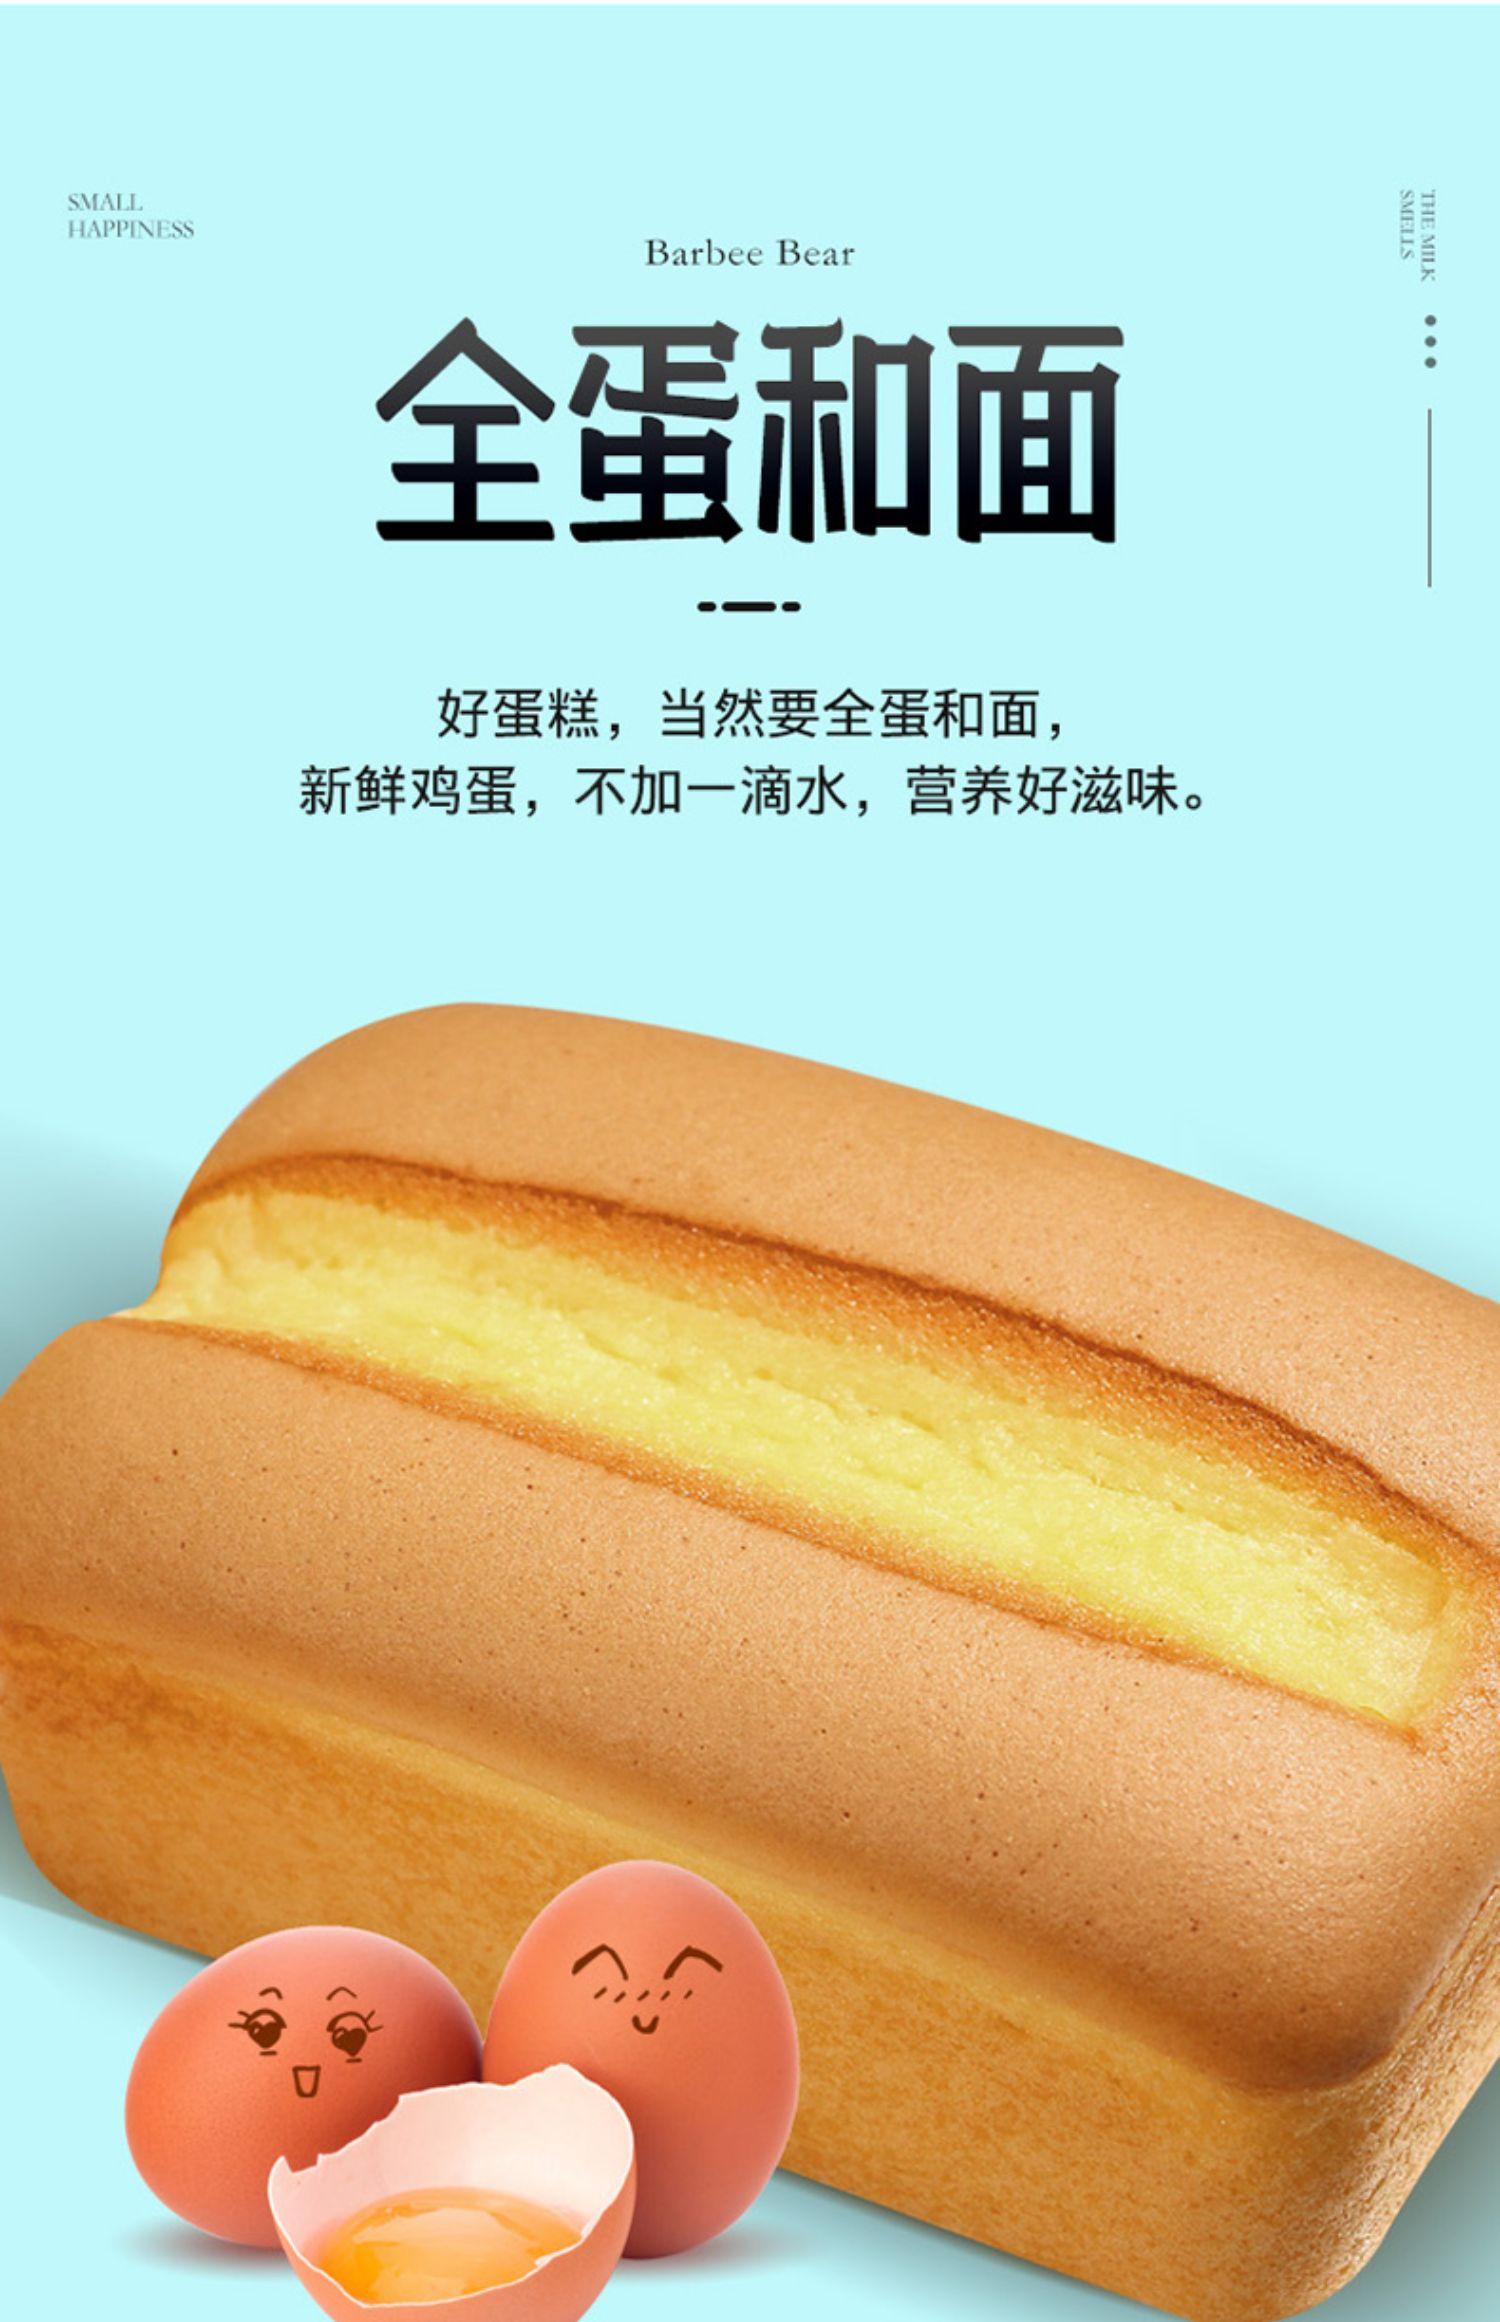 【巴比熊】芝士大蛋糕500g整箱3